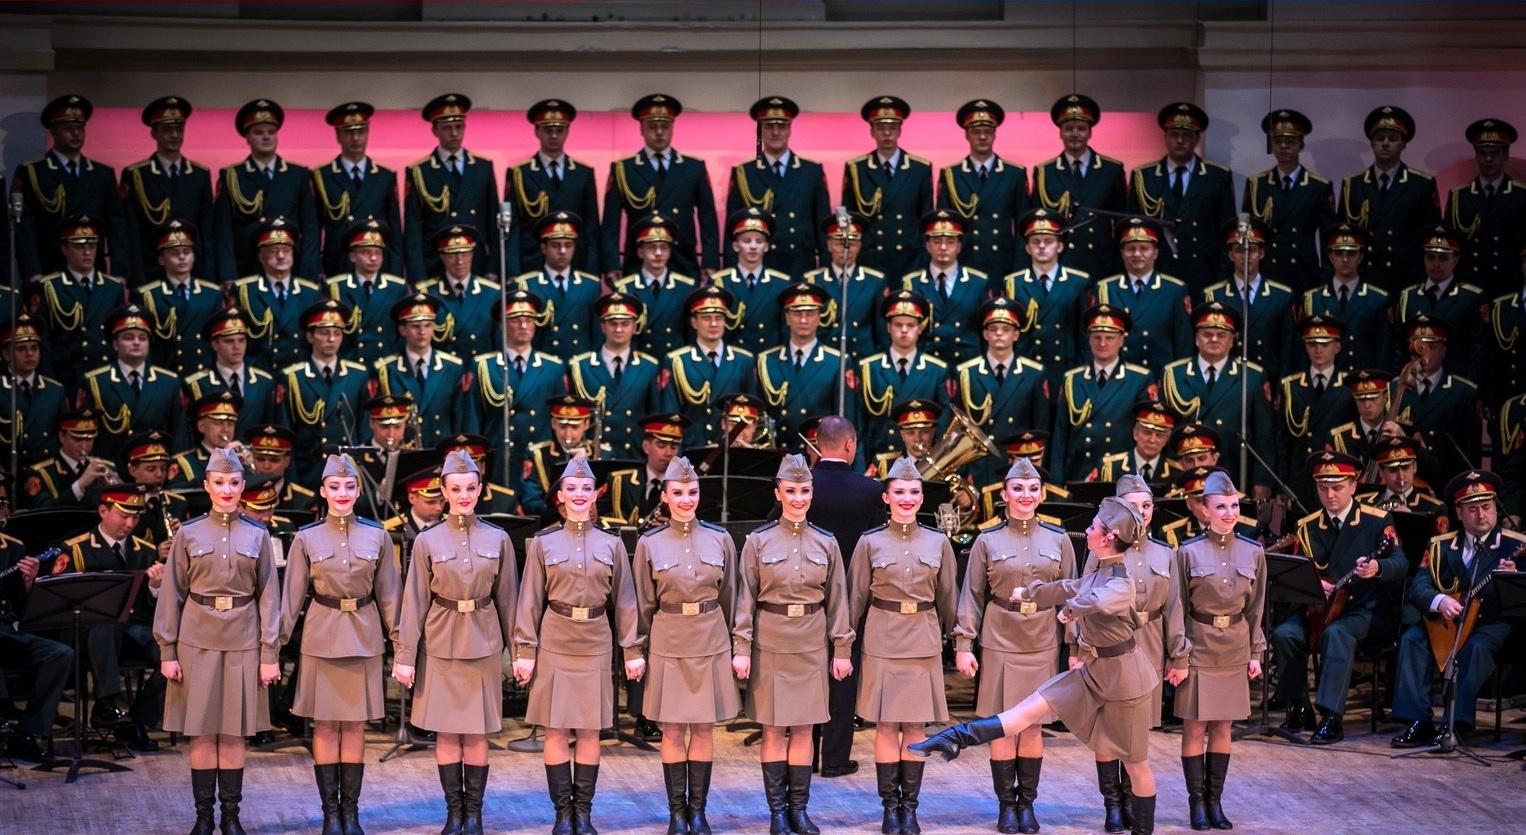 Легендарный ансамбль песни и пляски Российской Армии имени А.В. Александрова выступит в Твери